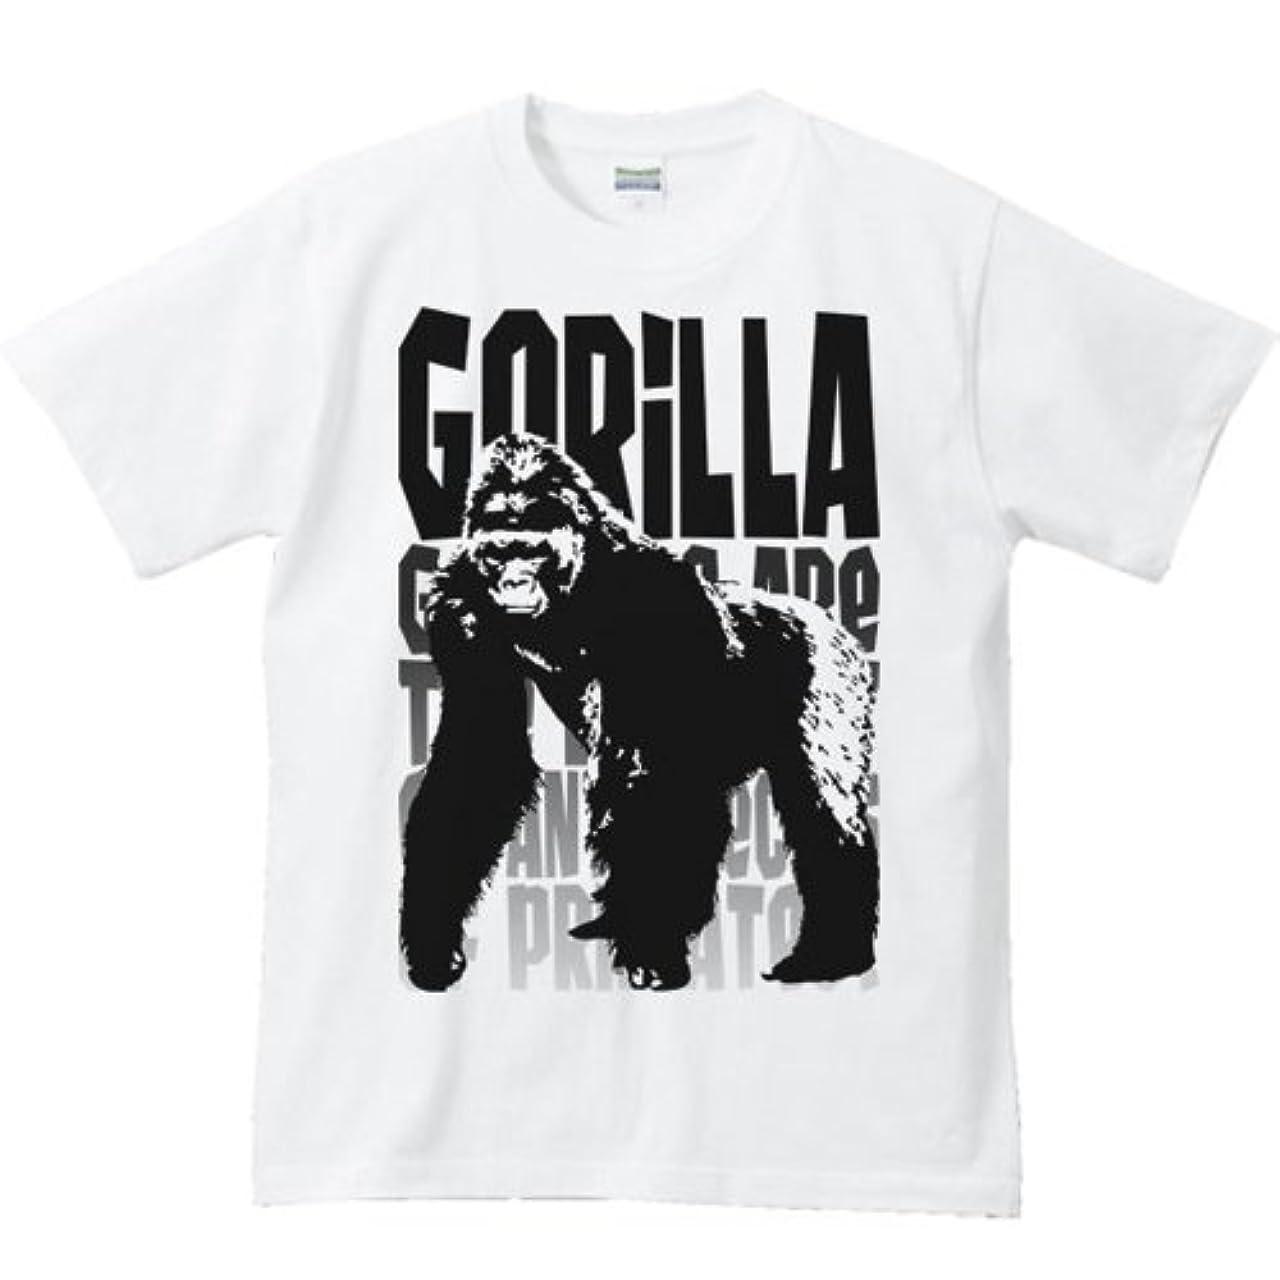 対人前方へコアエムワイディエス(MYDS) モノトーン ゴリラ/半袖Tシャツ